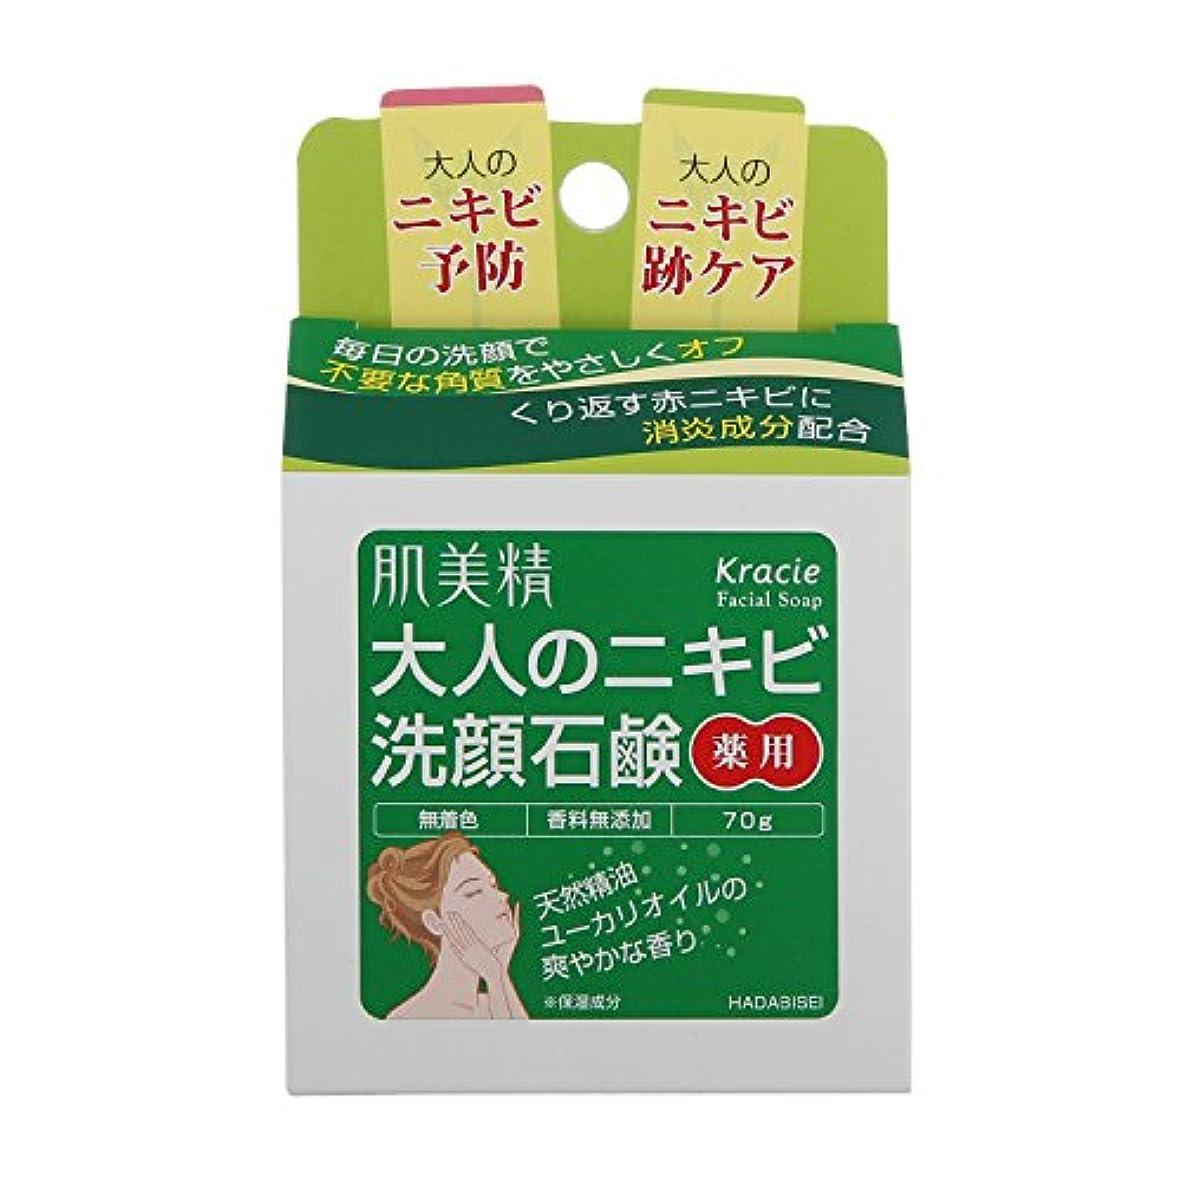 悪い助けになるアトラス肌美精 大人のニキビ 薬用洗顔石鹸 70g  [医薬部外品]